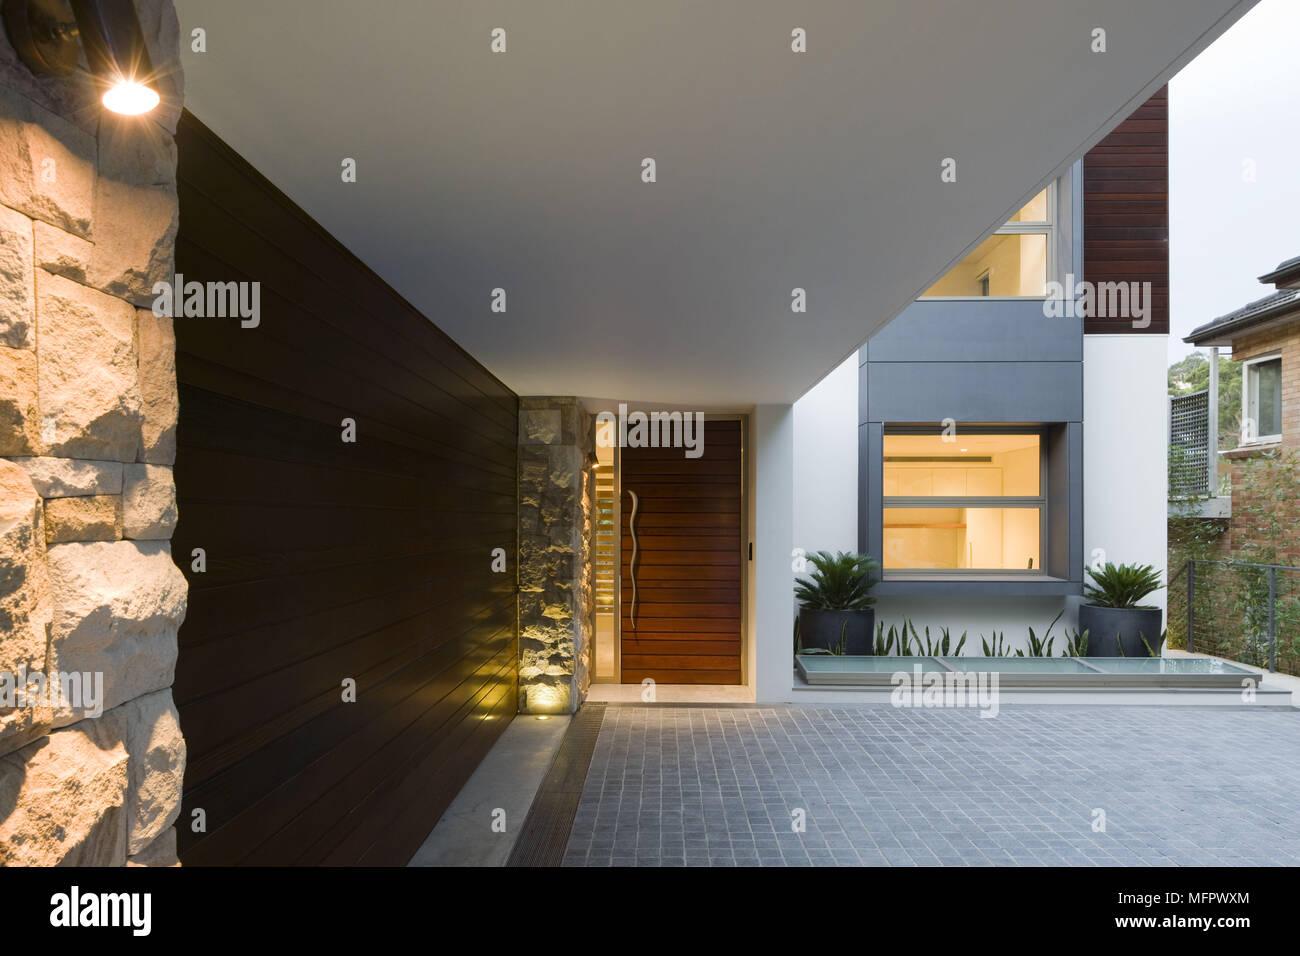 Exterieur De Maison Moderne Et L Entree Photo Stock Alamy